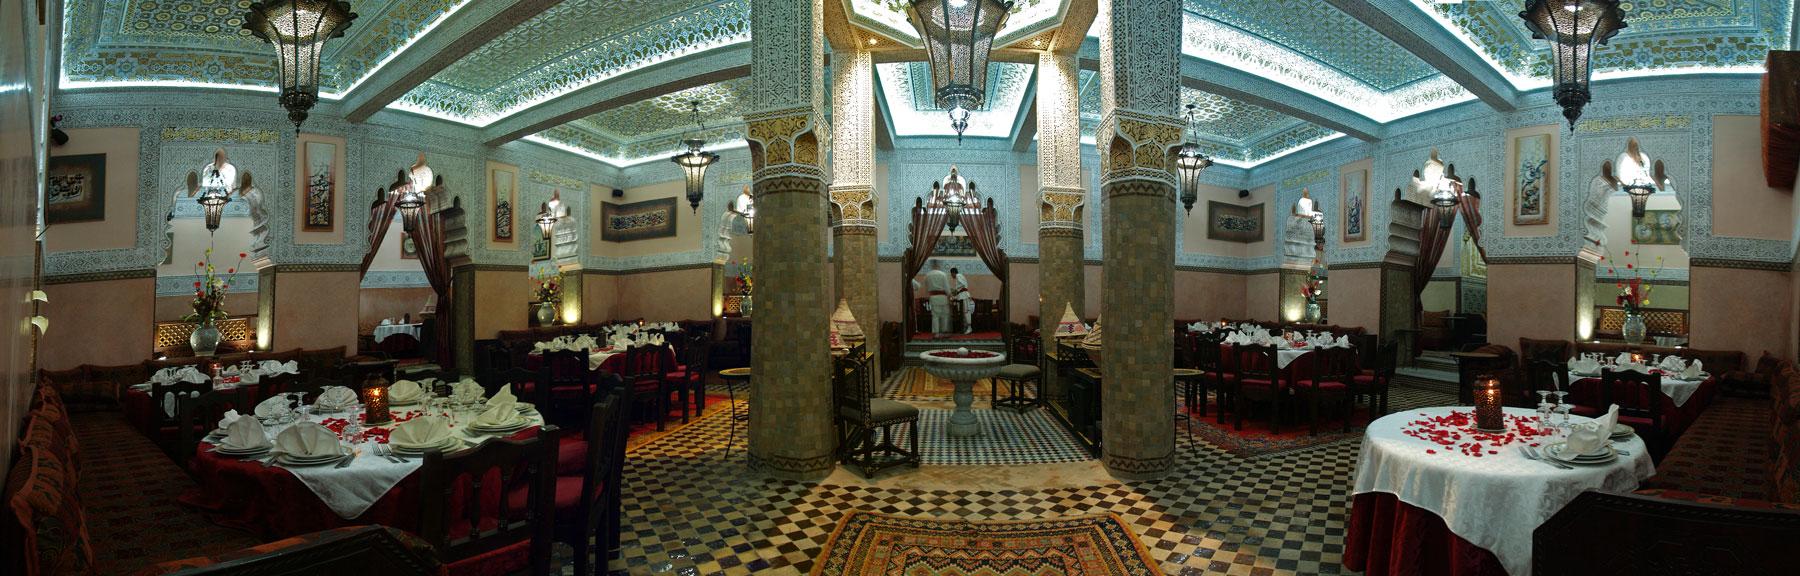 Meilleur restaurant Marrakech